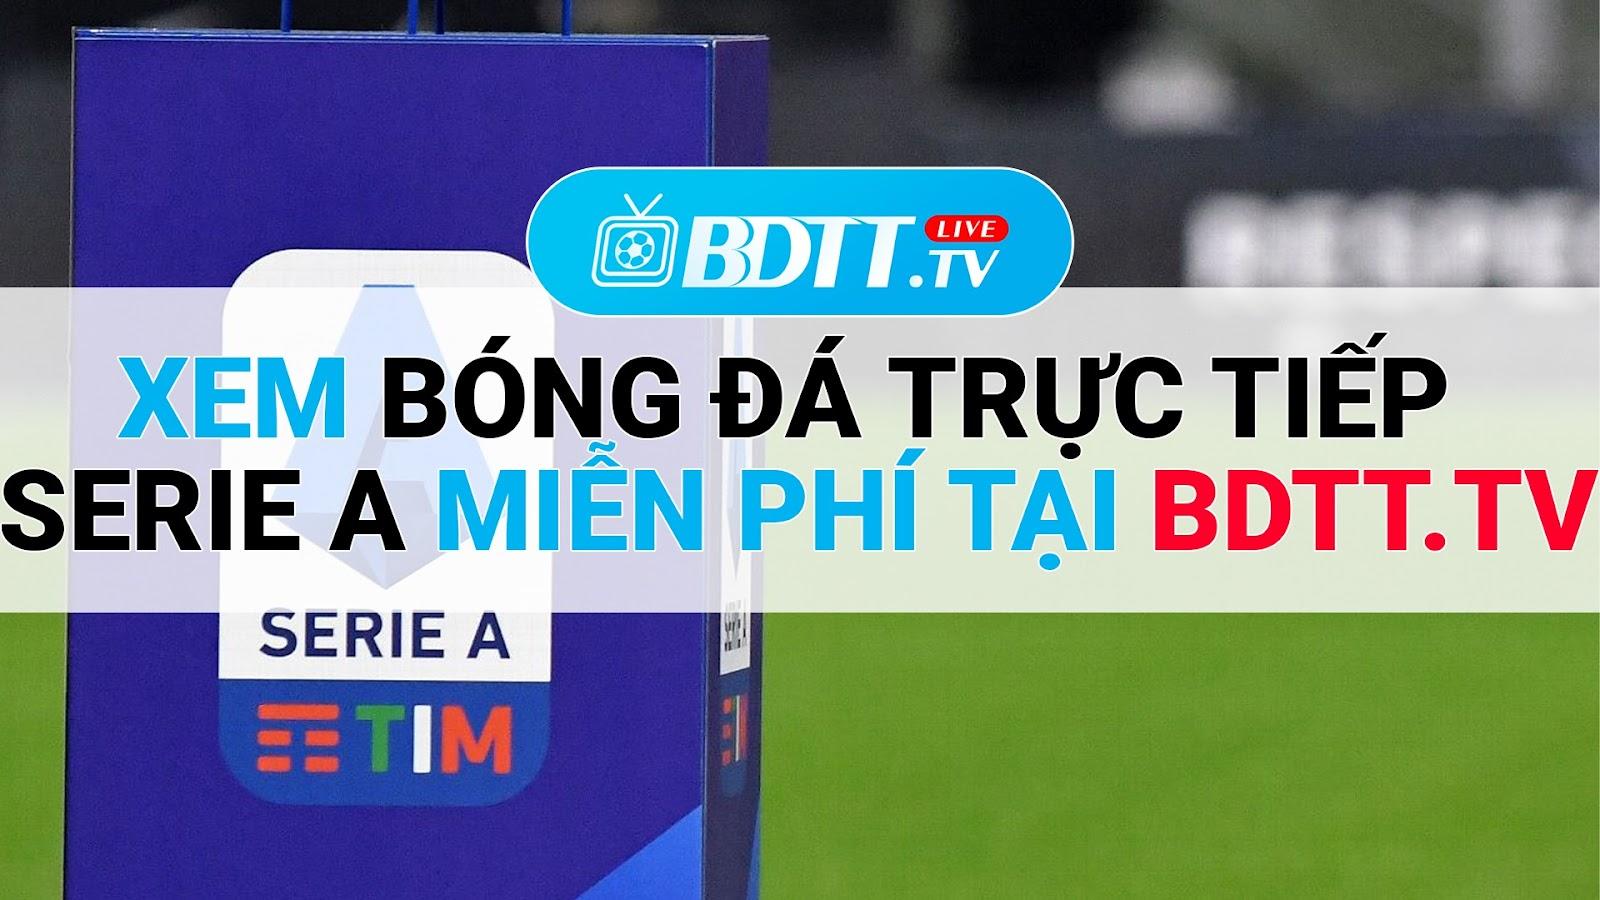 Trải nghiệm xem trực tiếp bóng đá thực tế cùng kênh BDTT.tv - Xem trực tiếp bóng đá miễn phí, bạn sẽ không bao giờ hối hận và cảm thấy tốn thời gian, bởi kênh có nhiều chức năng tiện ích nhất để hỗ trợ người xem.